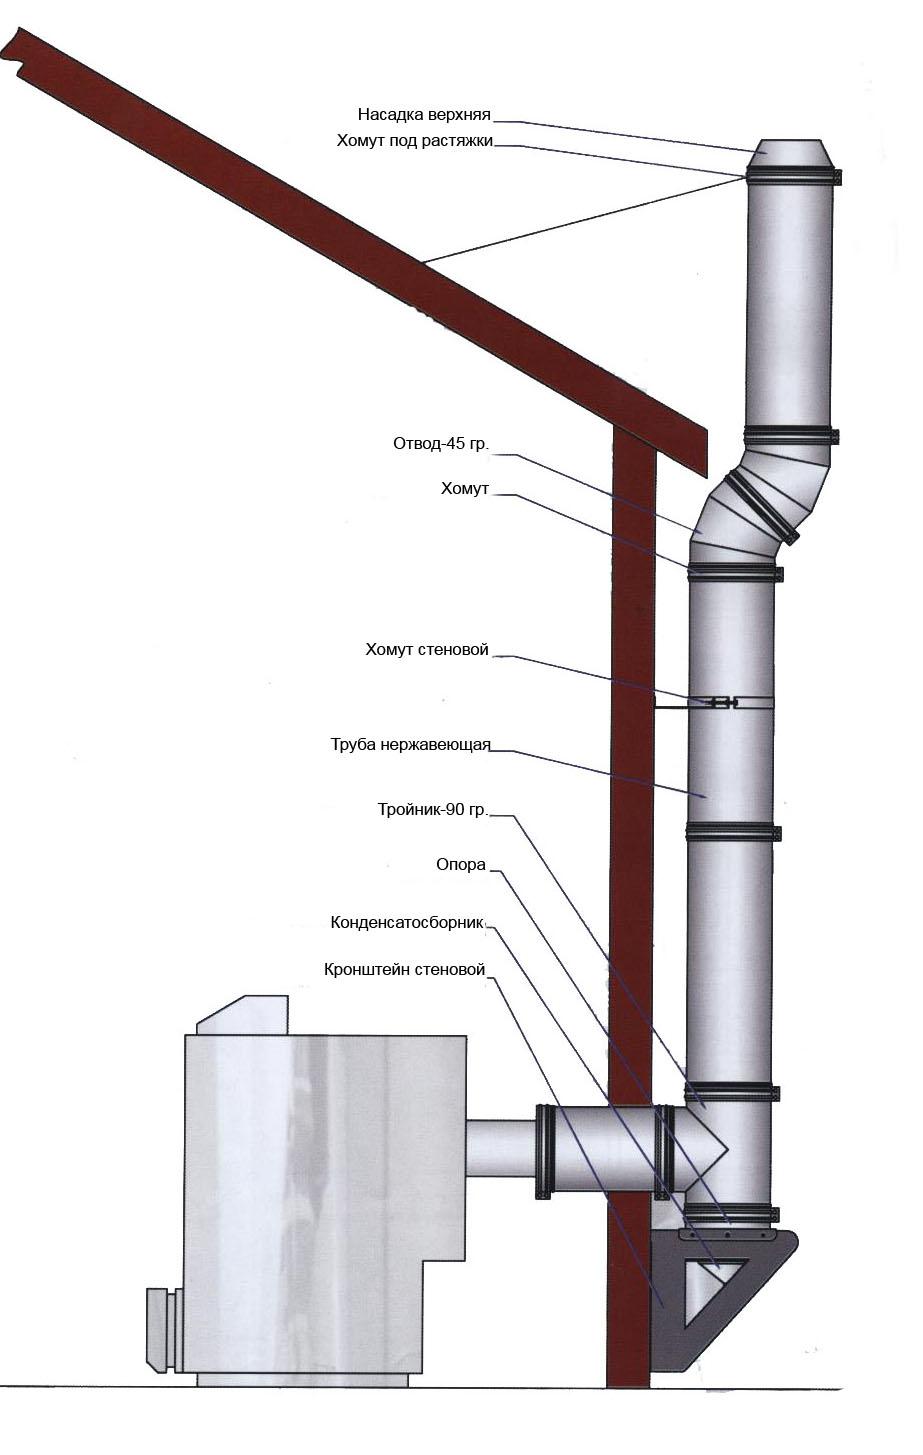 Правильный вывод дымохода через стену купить дымоходы из нержавеющей стали в томске